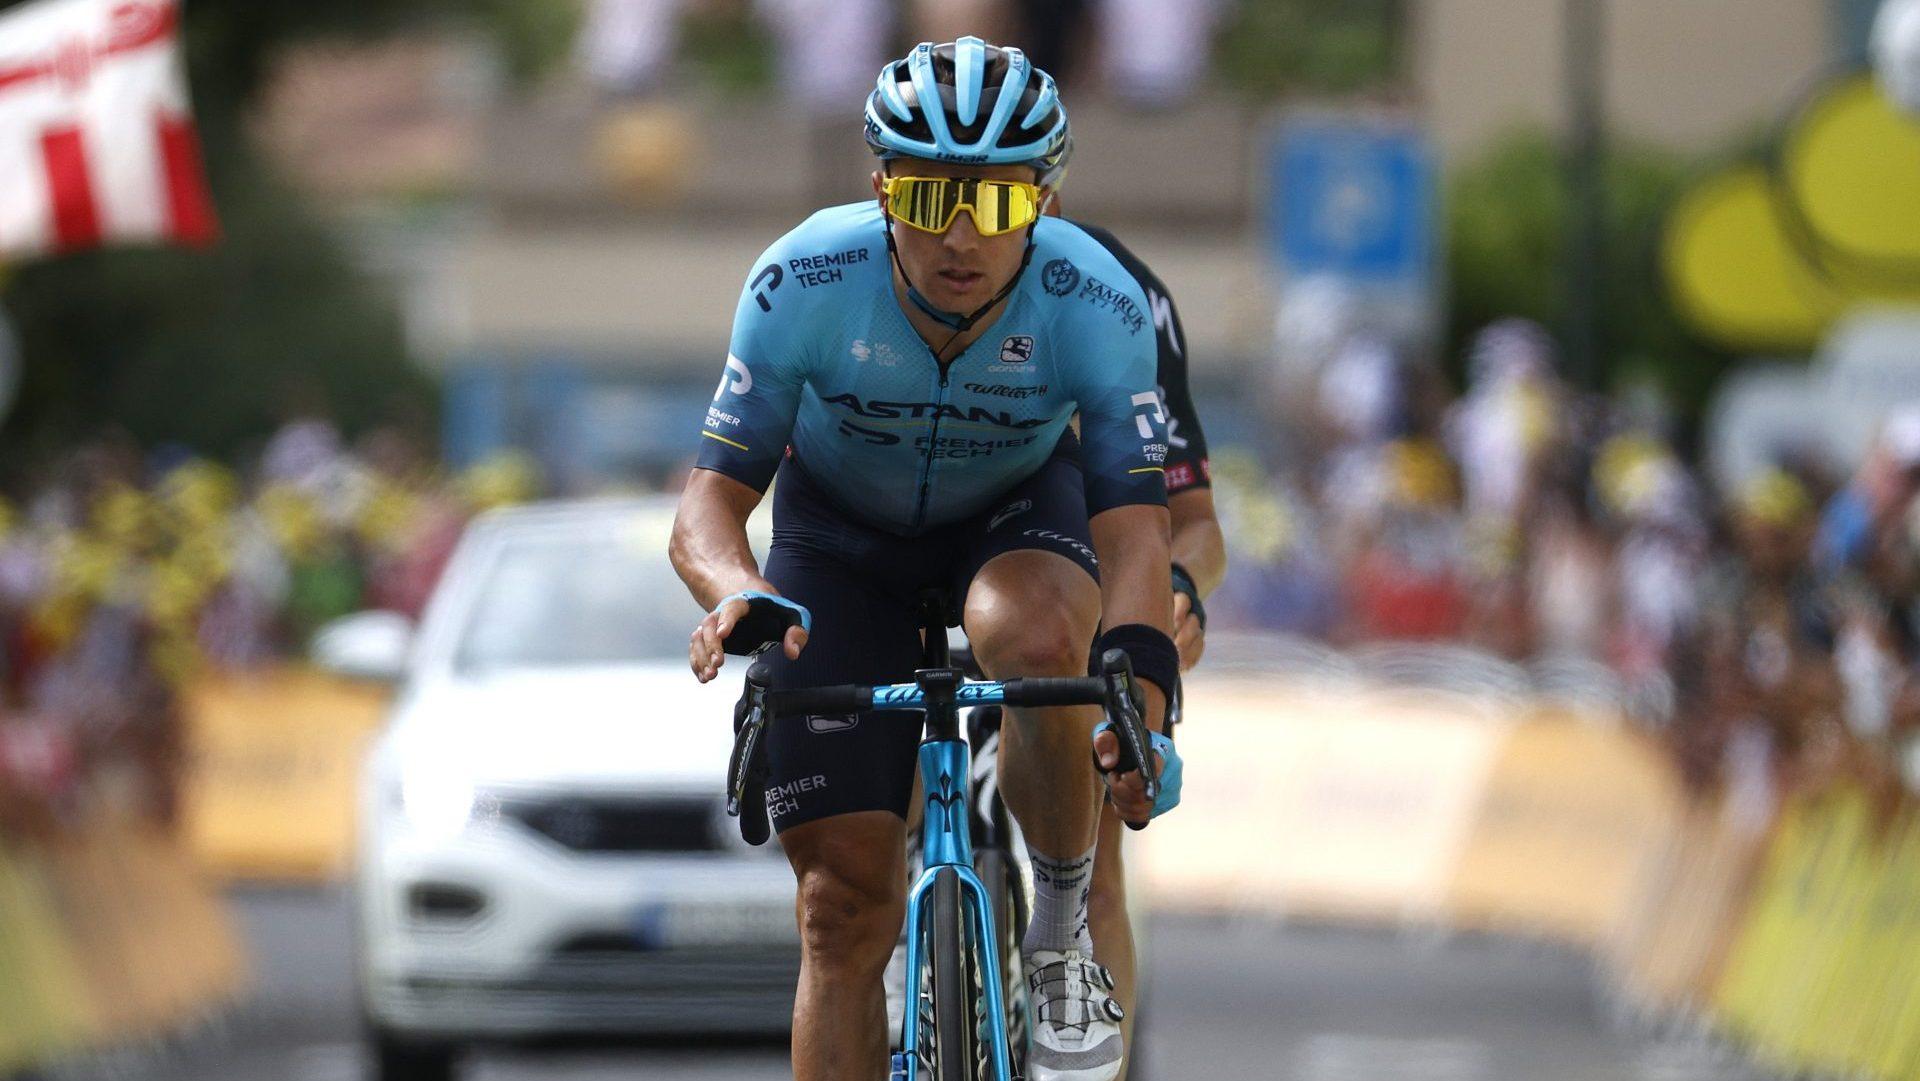 Луценко вошел в первую восьмерку этапа Тур де Франс на Мон-Ванту